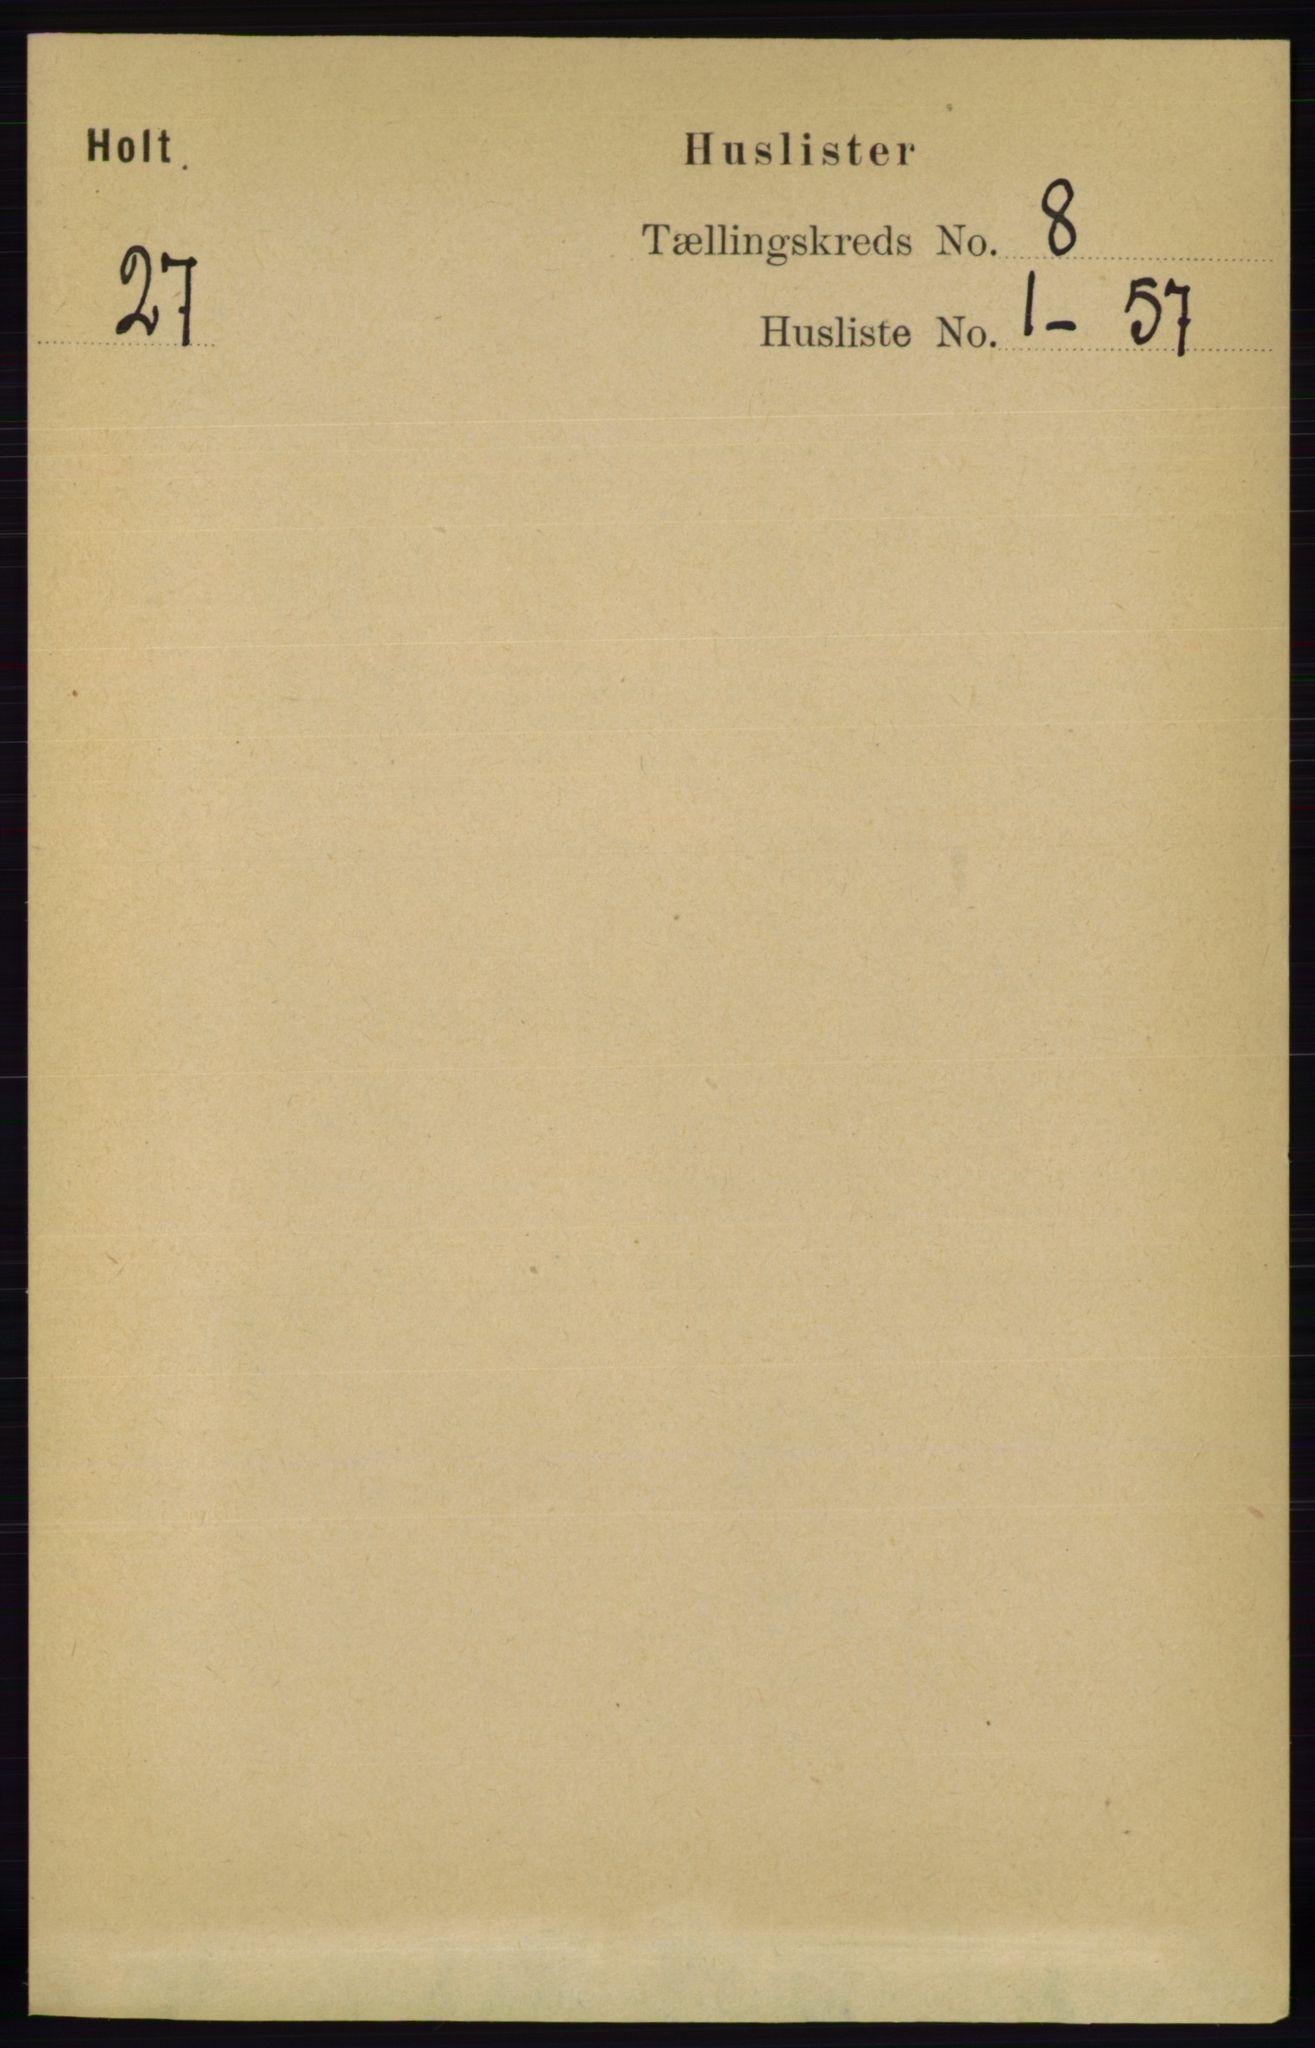 RA, Folketelling 1891 for 0914 Holt herred, 1891, s. 3468